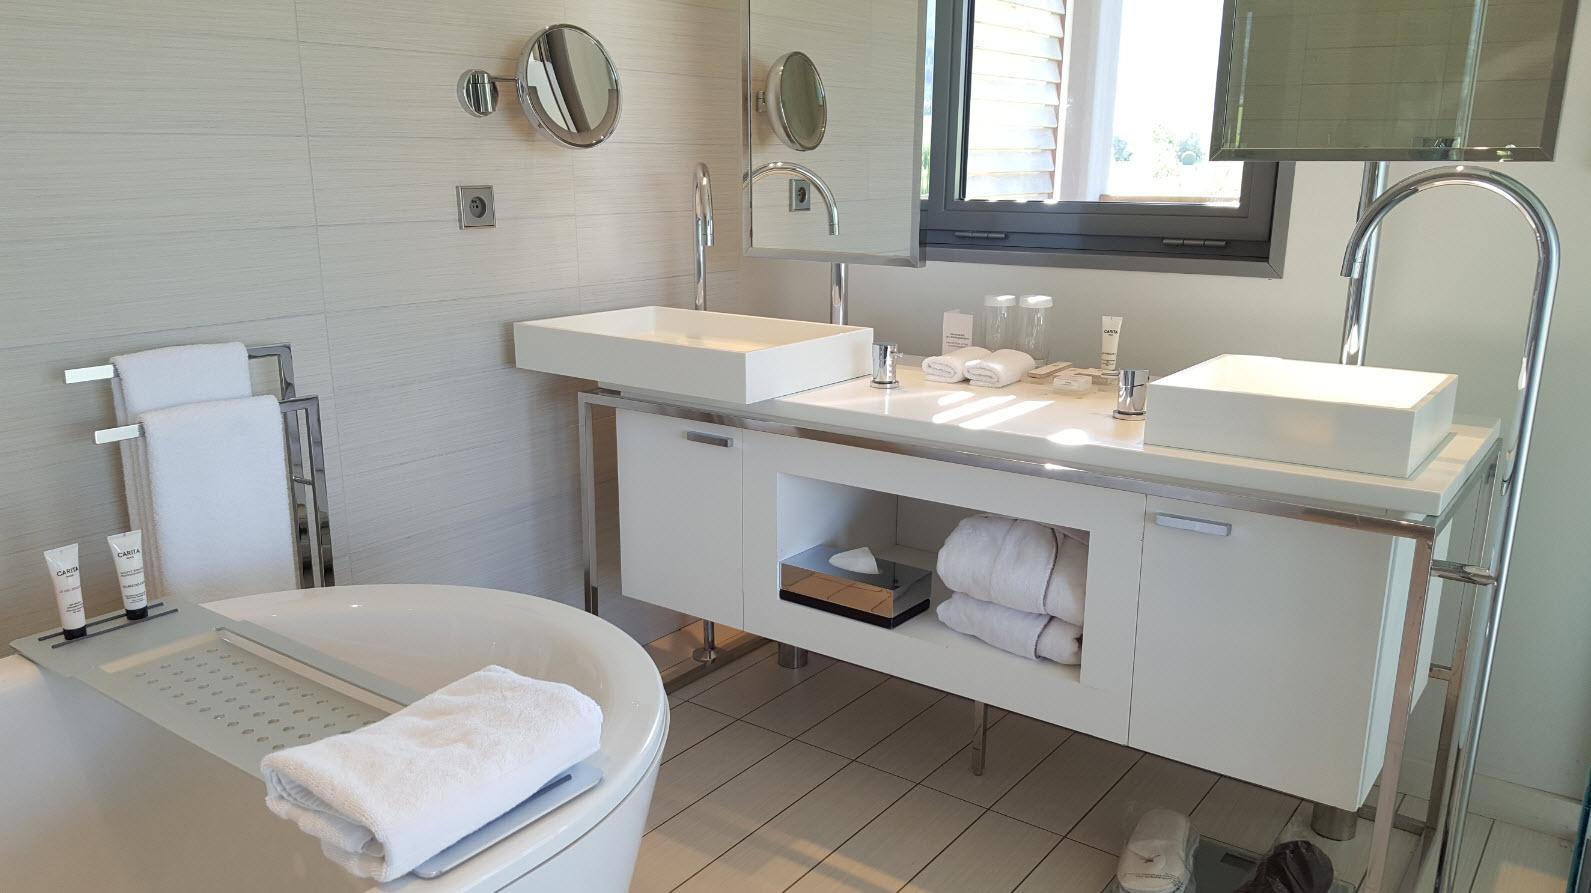 Coin salle de bains et lumiere naturelle